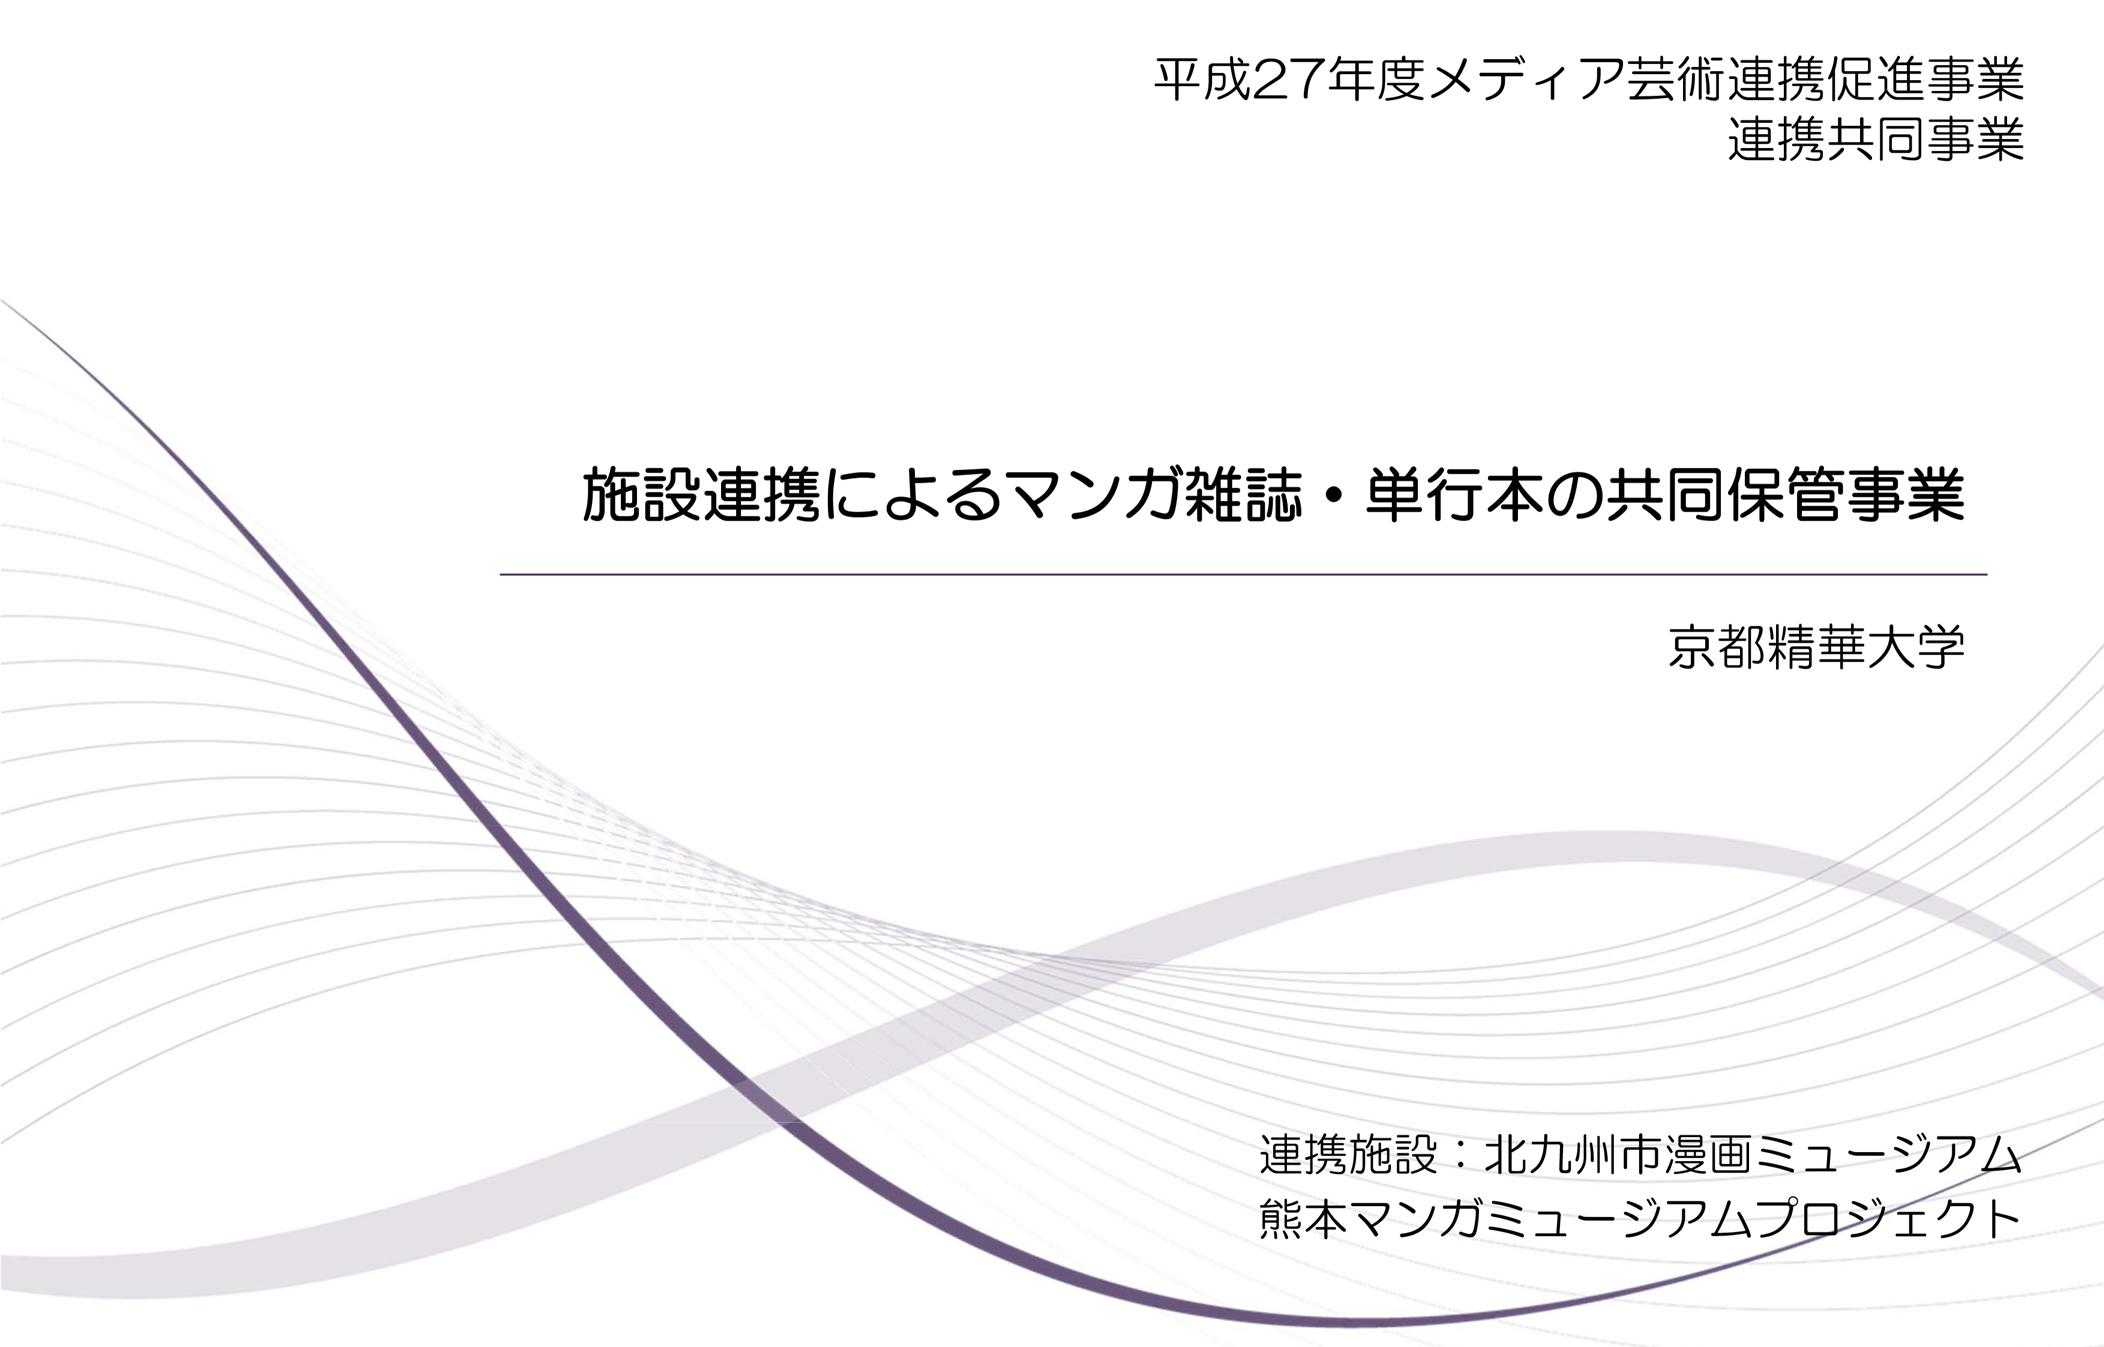 京都精華大事業(雑誌・単行本)_中間報告会_投影資料-.jpg